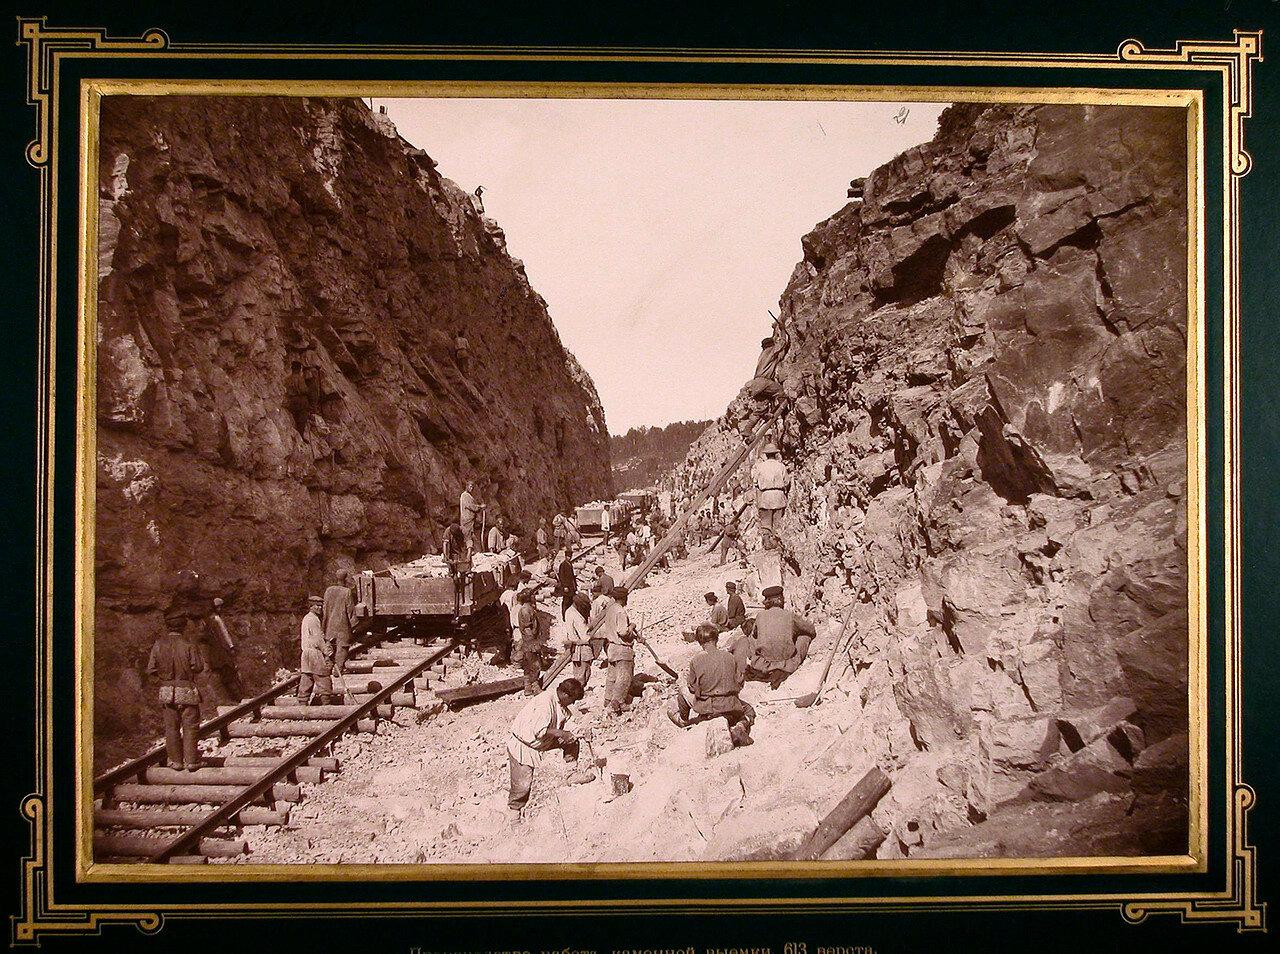 21. Рабочие вынимают камни во время строительства дороги. 613-я верста, 1885-1889